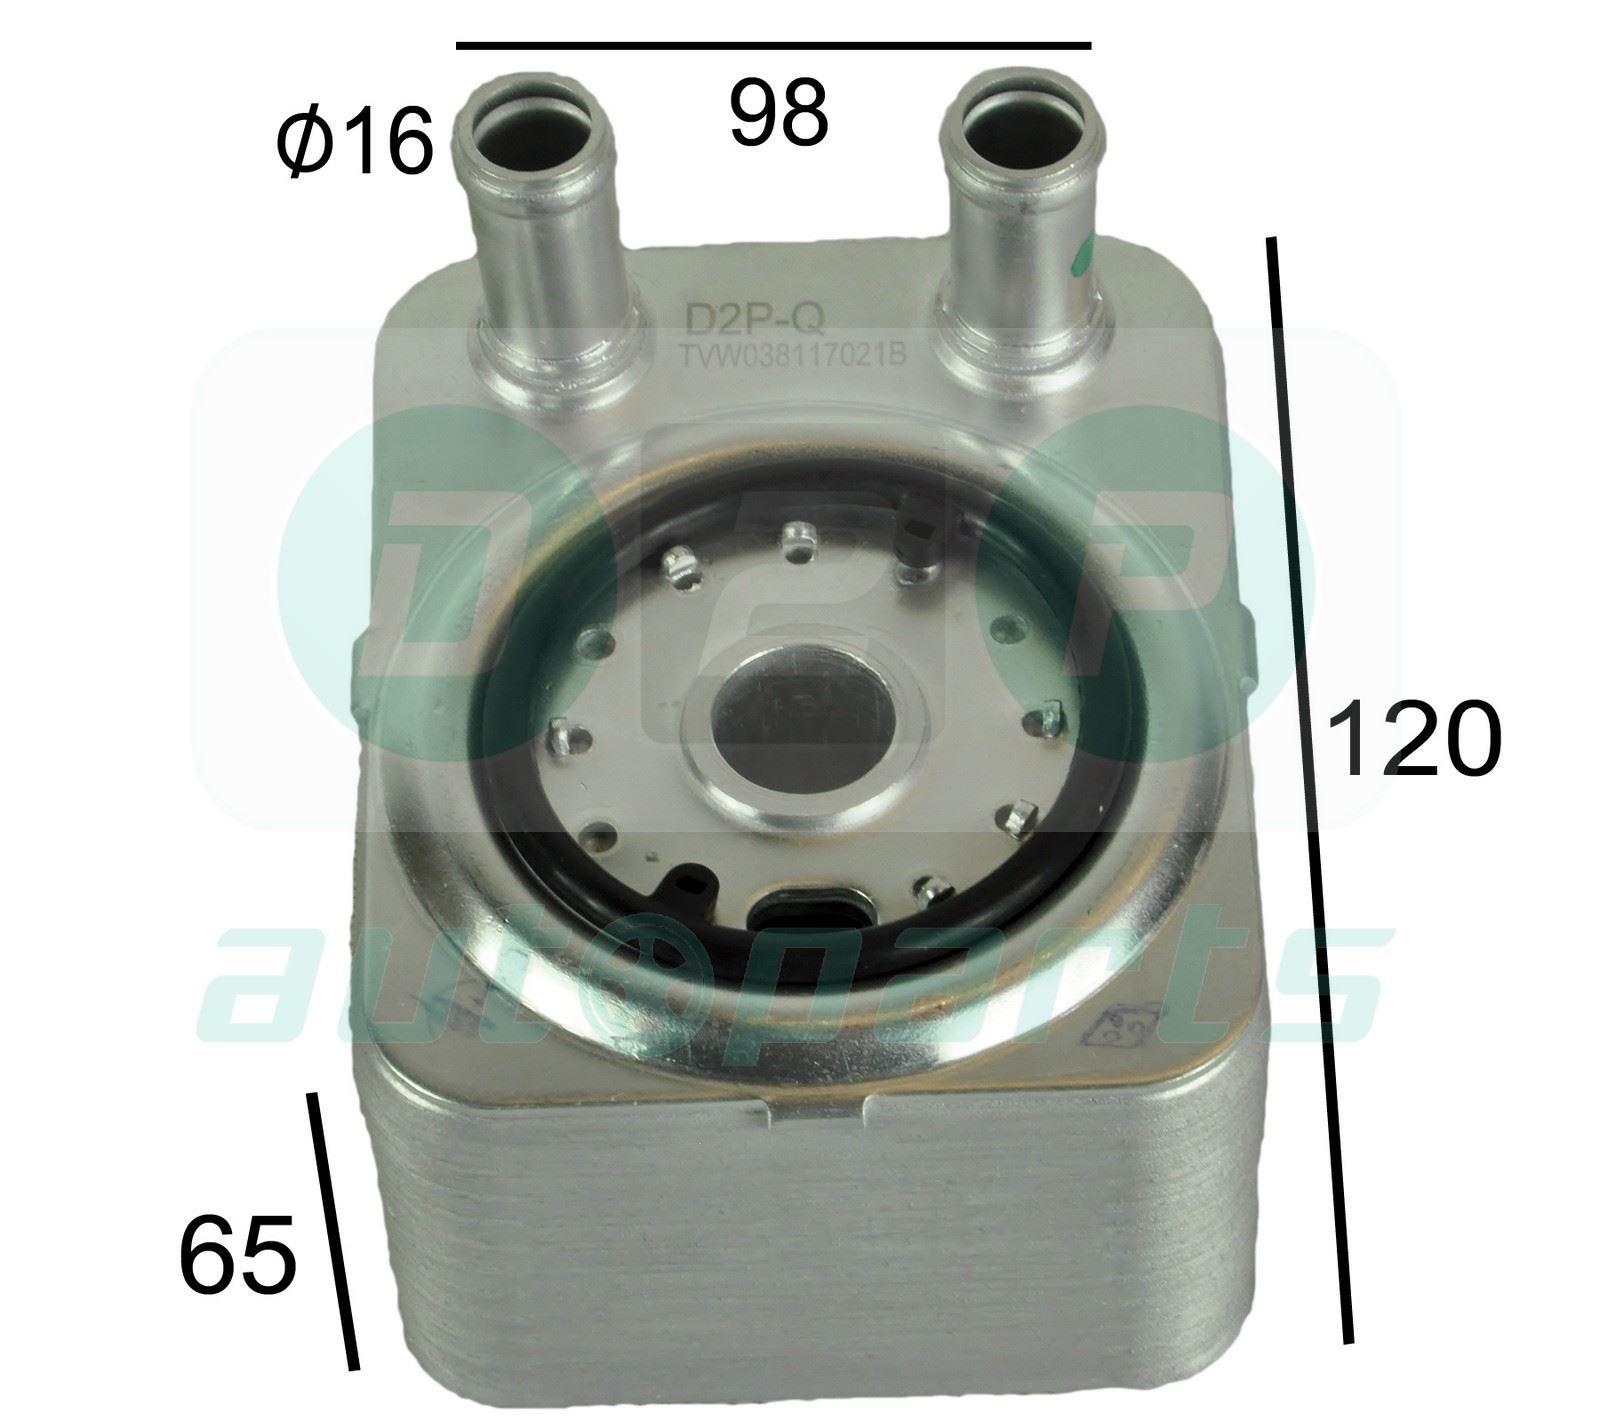 For Audi Q7 (2006-2015) 3.6 FSI Engine Oil Cooler